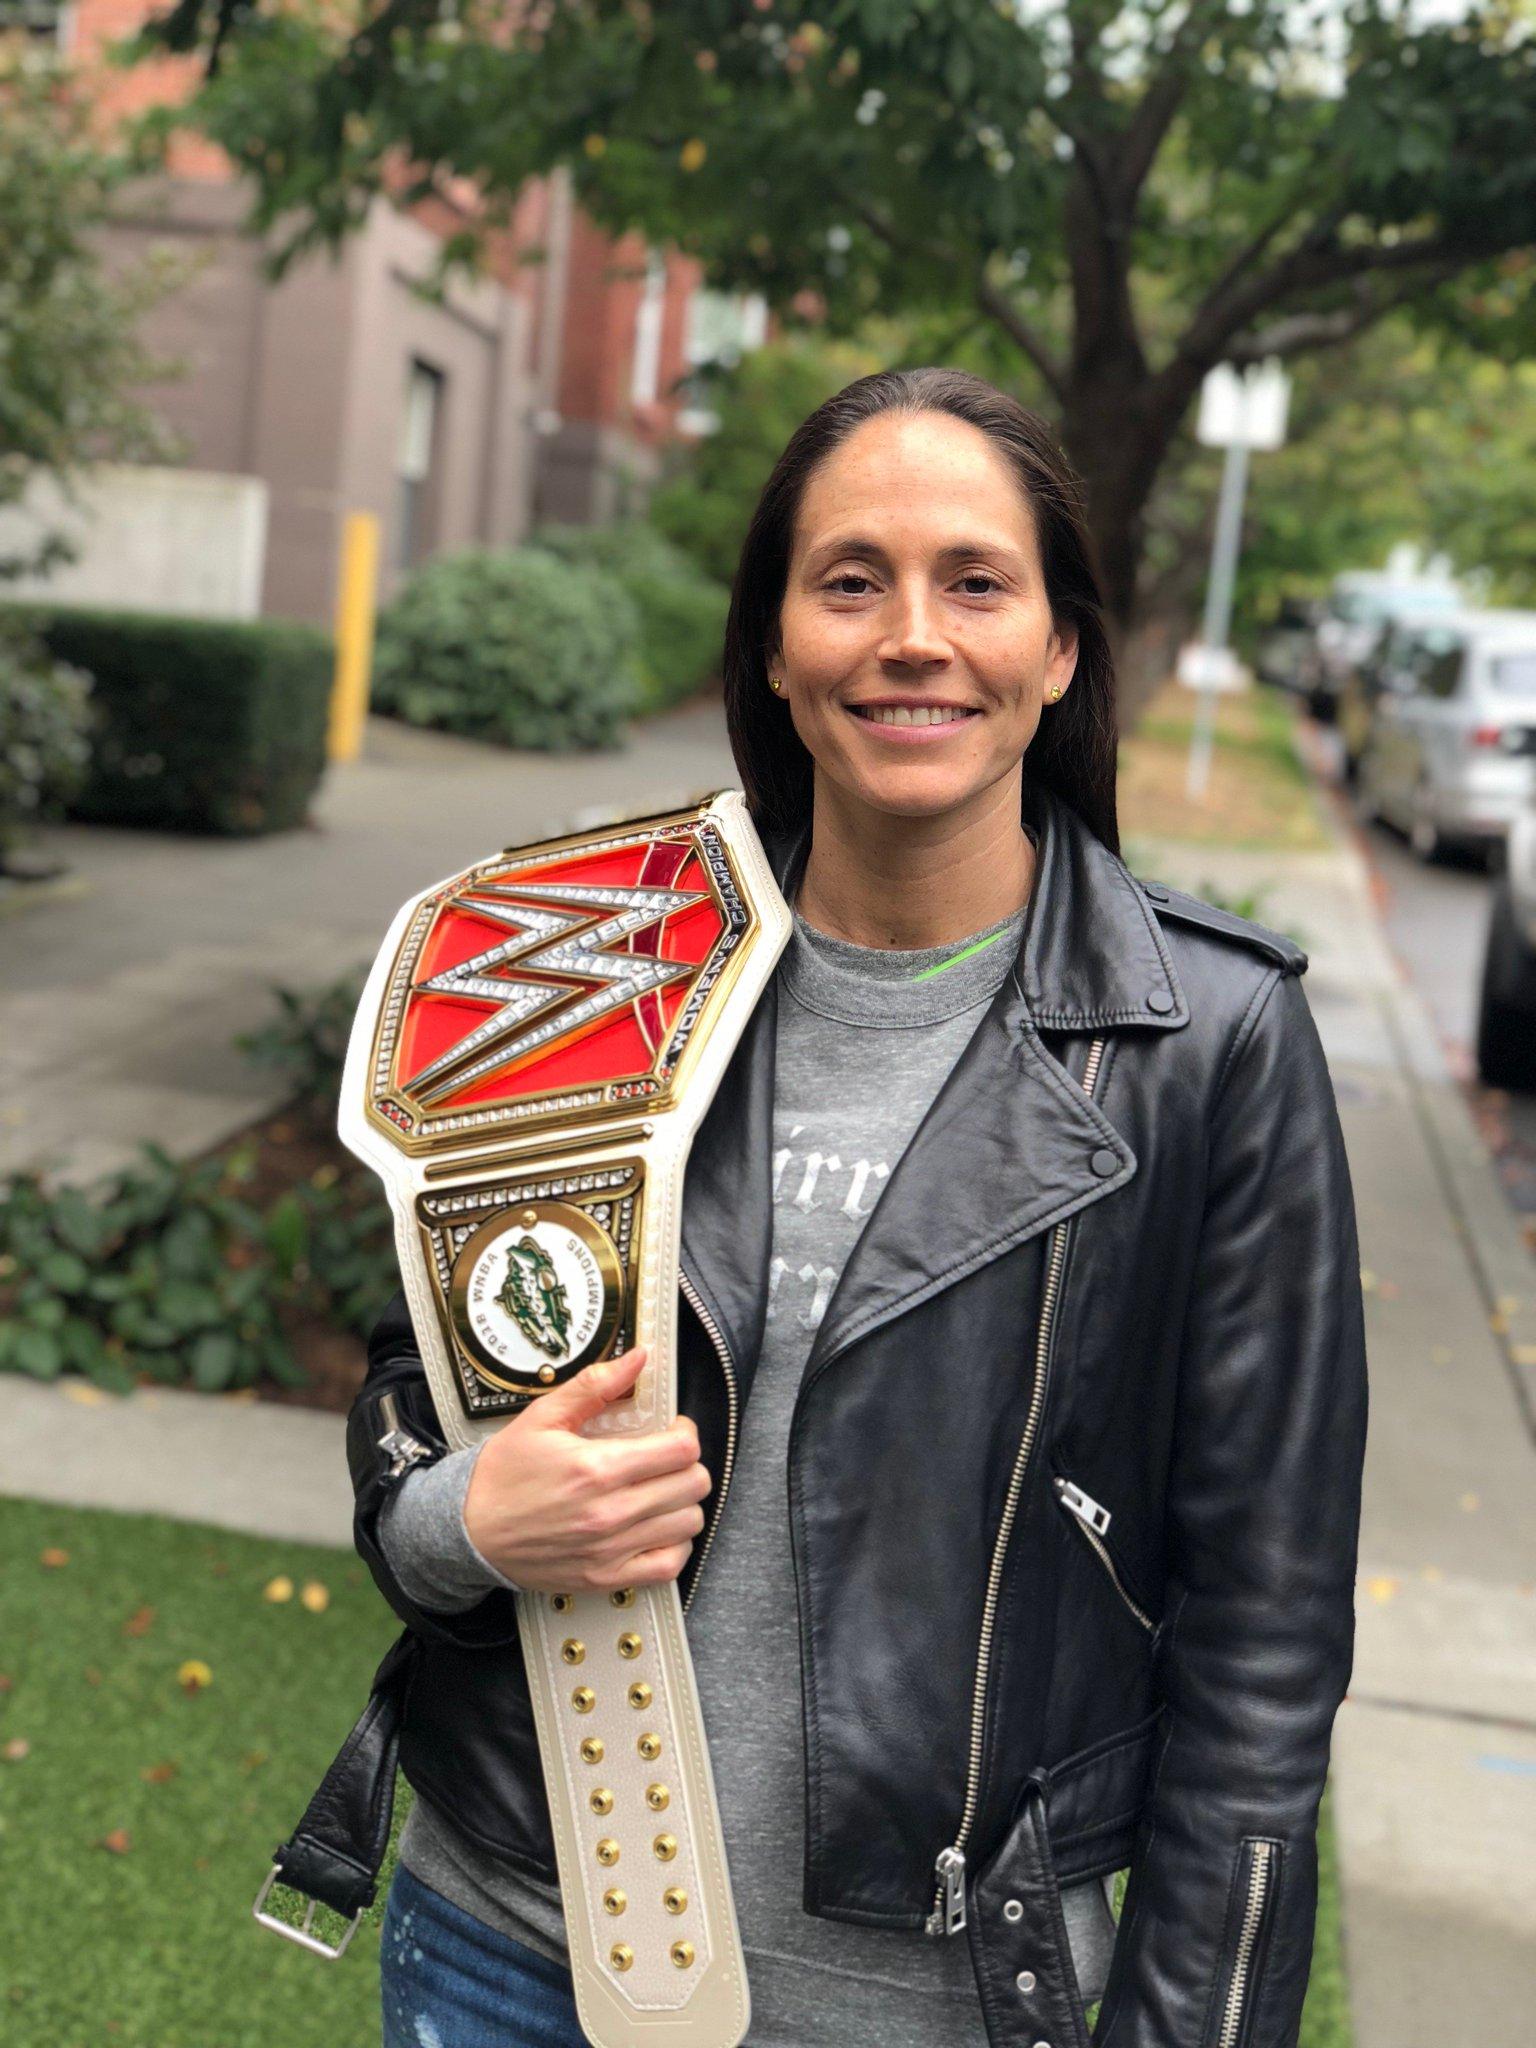 Your new @WWE champ... @S10Bird?! ��  @TripleH's custom @SeattleStorm #WNBAChamps belt has arrived in Seattle! �� https://t.co/aDLXSx1BKE